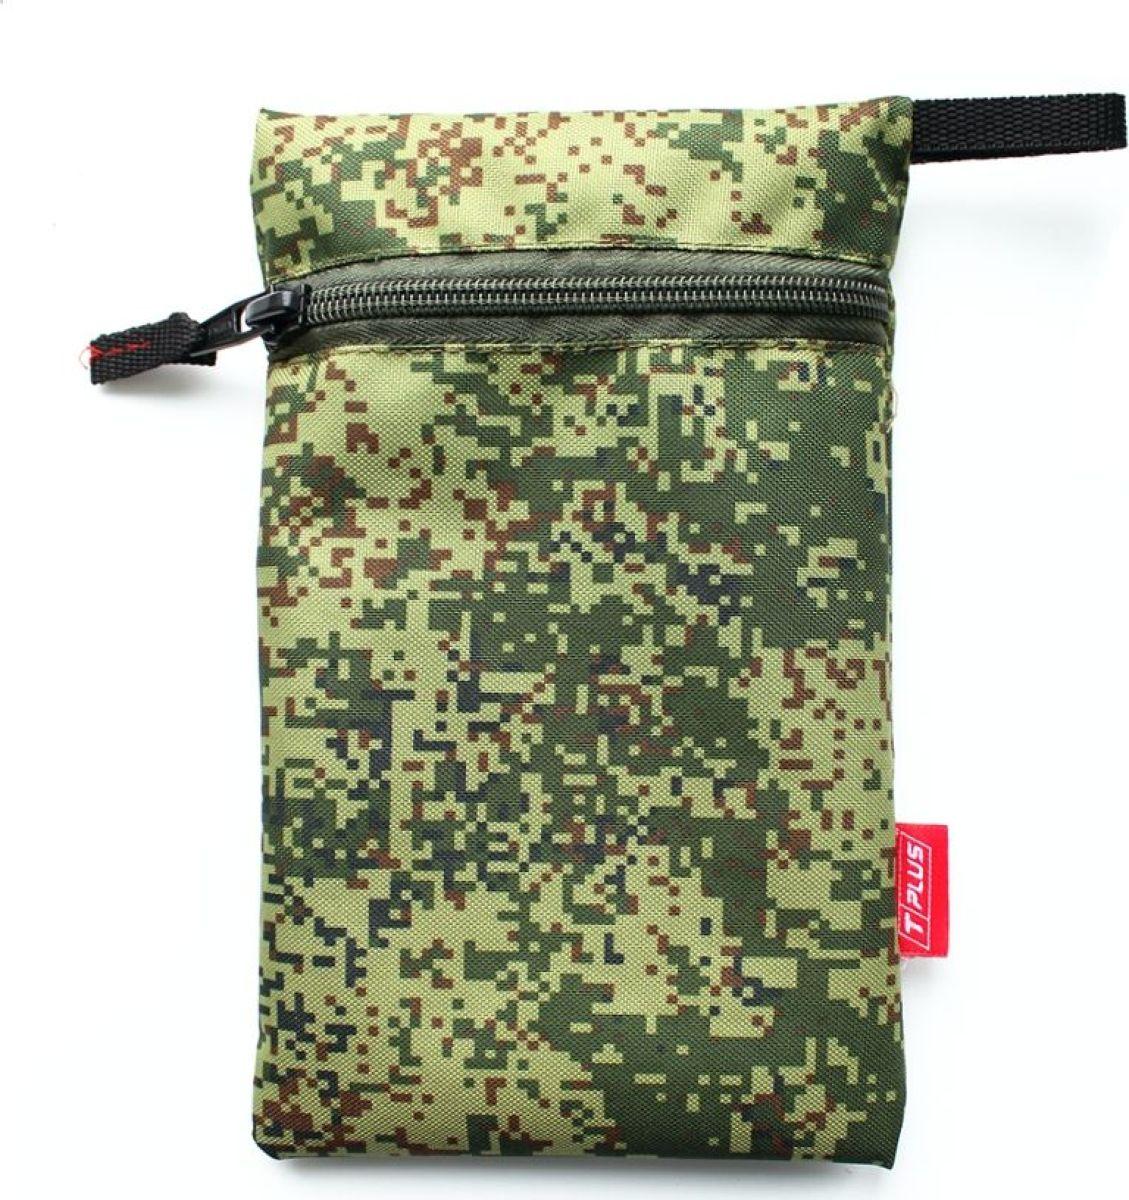 Мешок вещевой Tplus 600, цвет: цифра, 13 x 20 см сумка для такелажной оснастки tplus сompact t009399